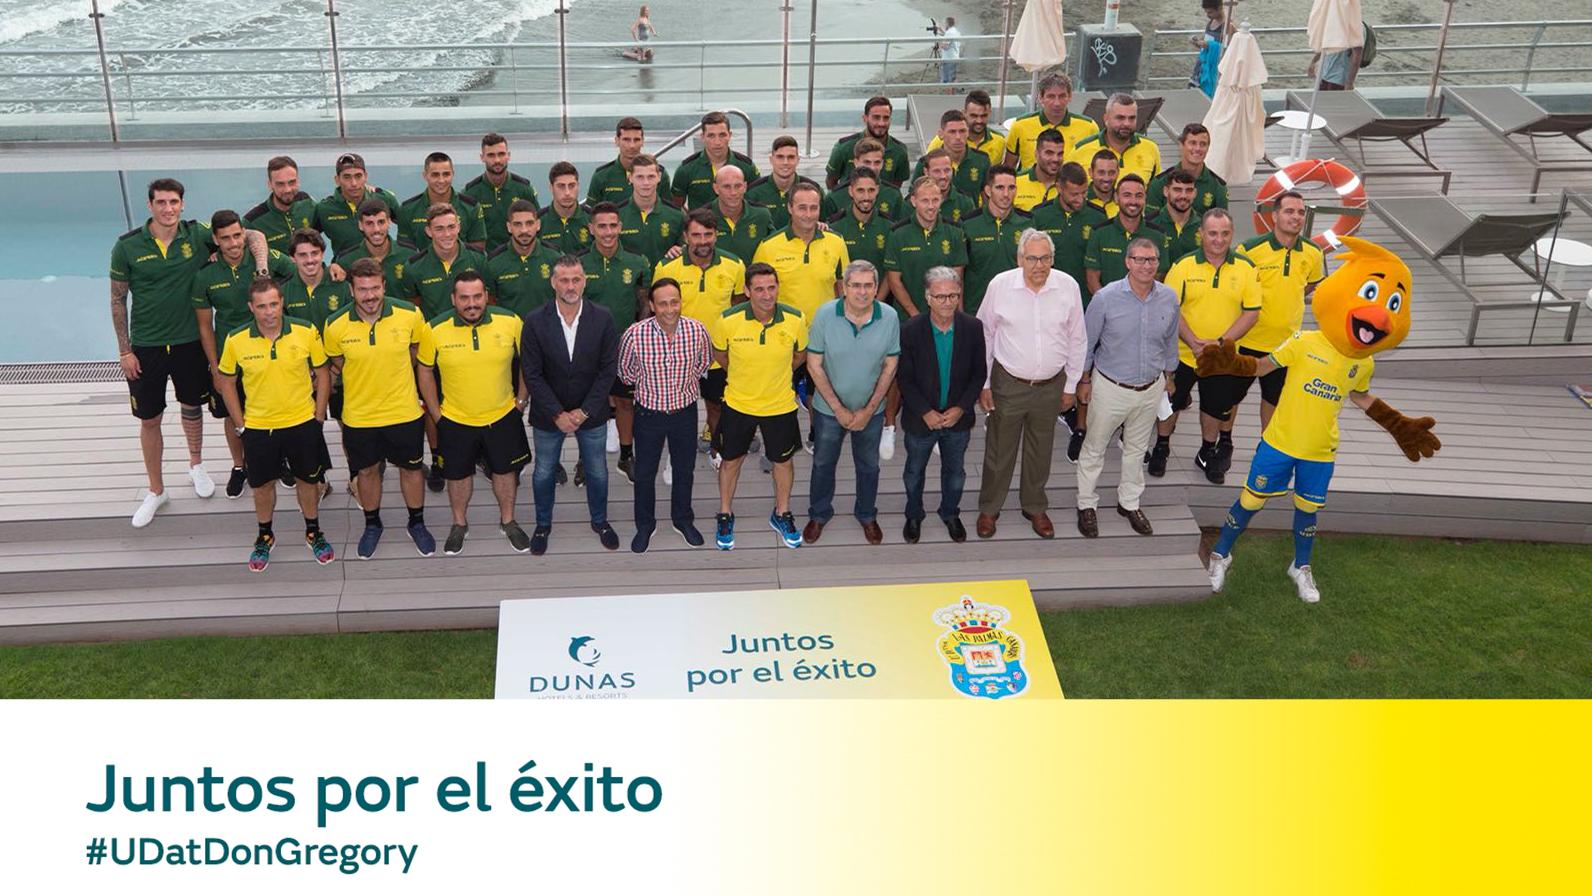 7ème stage de La Unión Deportiva Las Palmas au Don Gregory